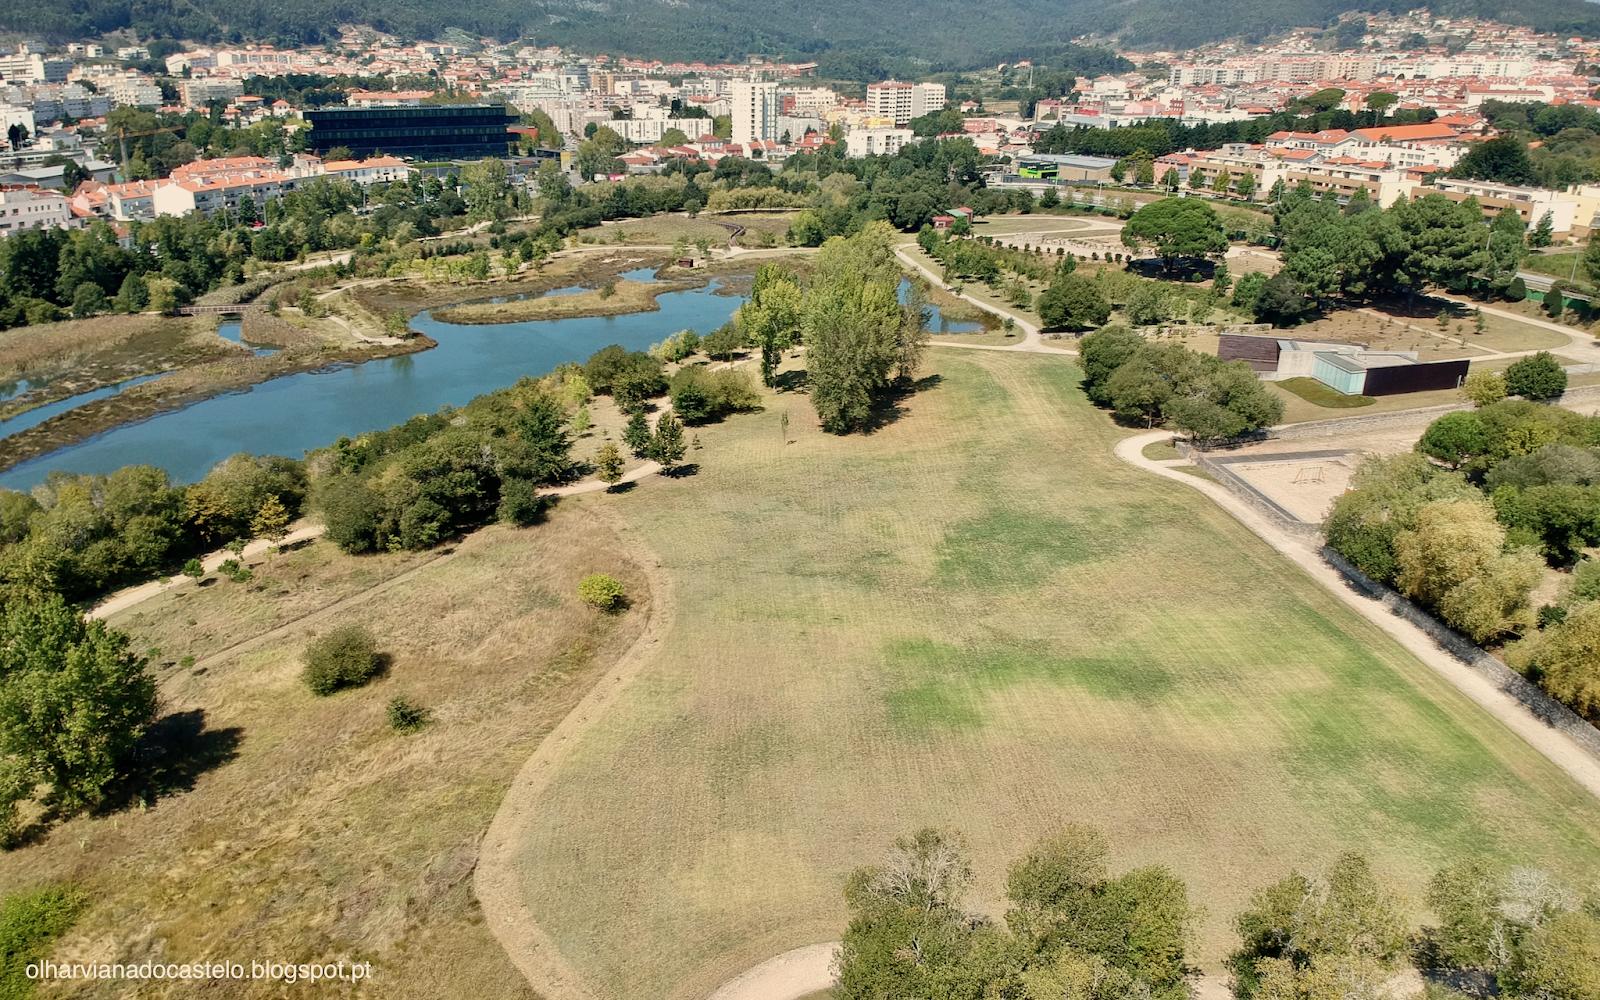 Viana do Castelo abre Ecológico Urbano de Viana do Castelo abre a 5 de Junho